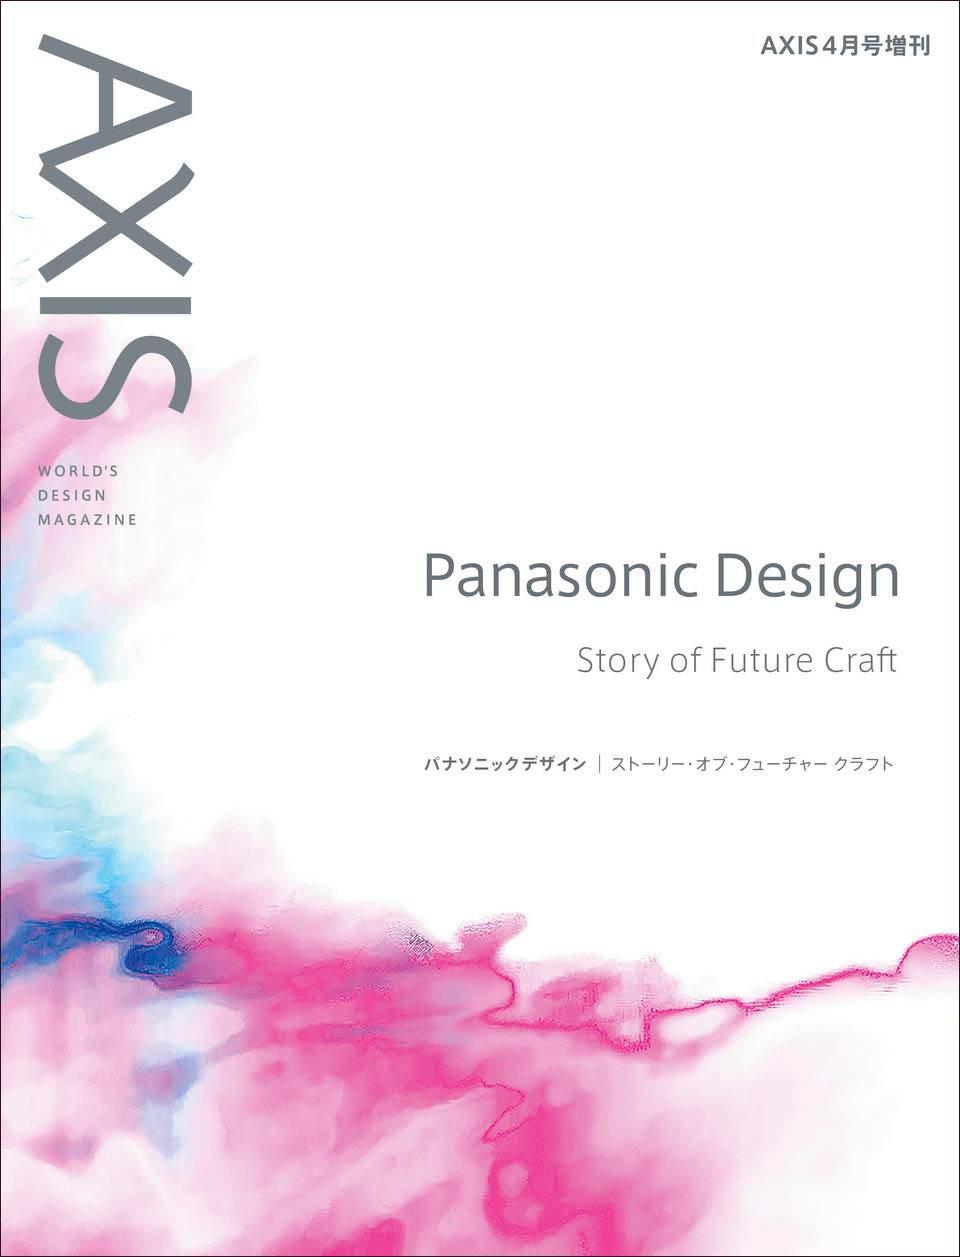 AXIS 4月号増刊 「パナソニックデザイン ストーリー・オブ・フューチャークラフト」